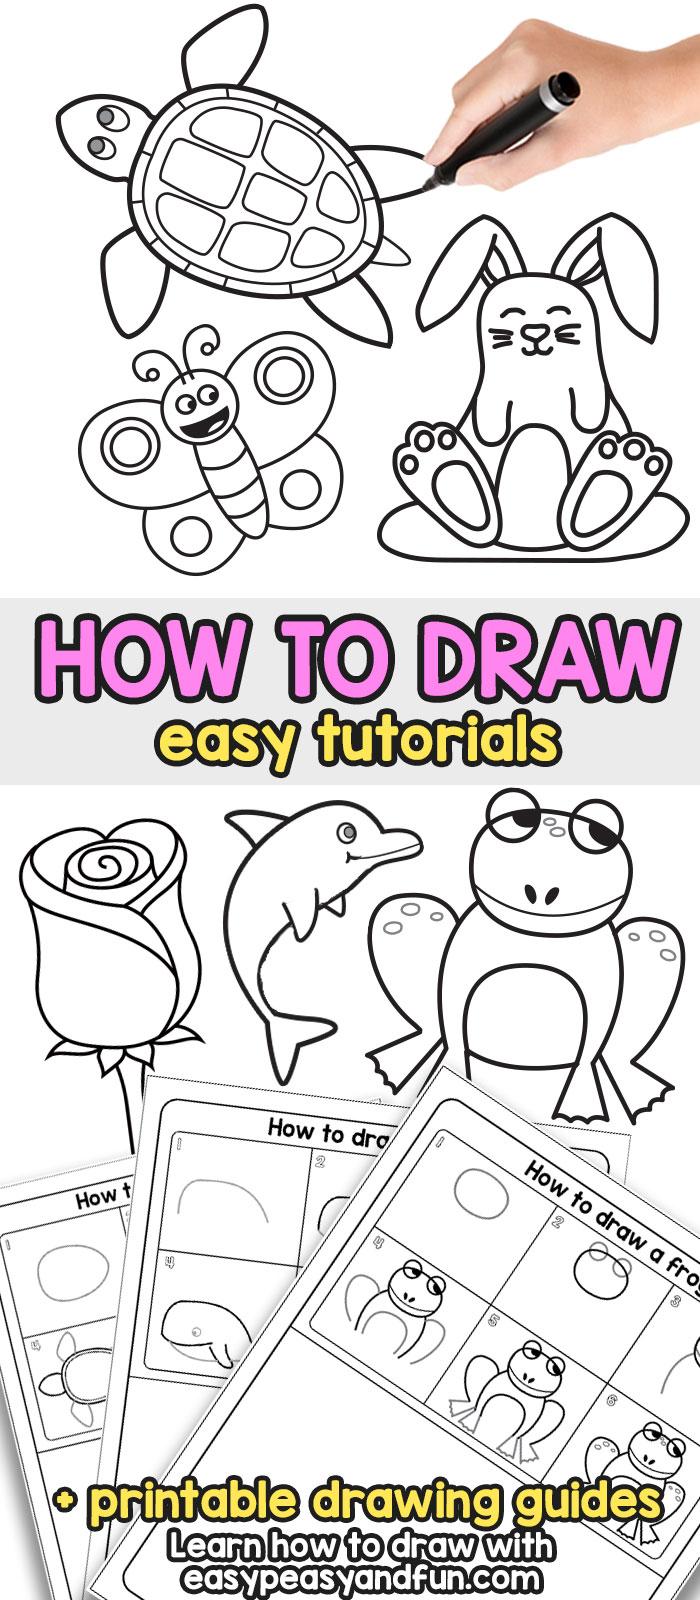 Drawing For Kids Images : drawing, images, Drawing, Beginners, Peasy